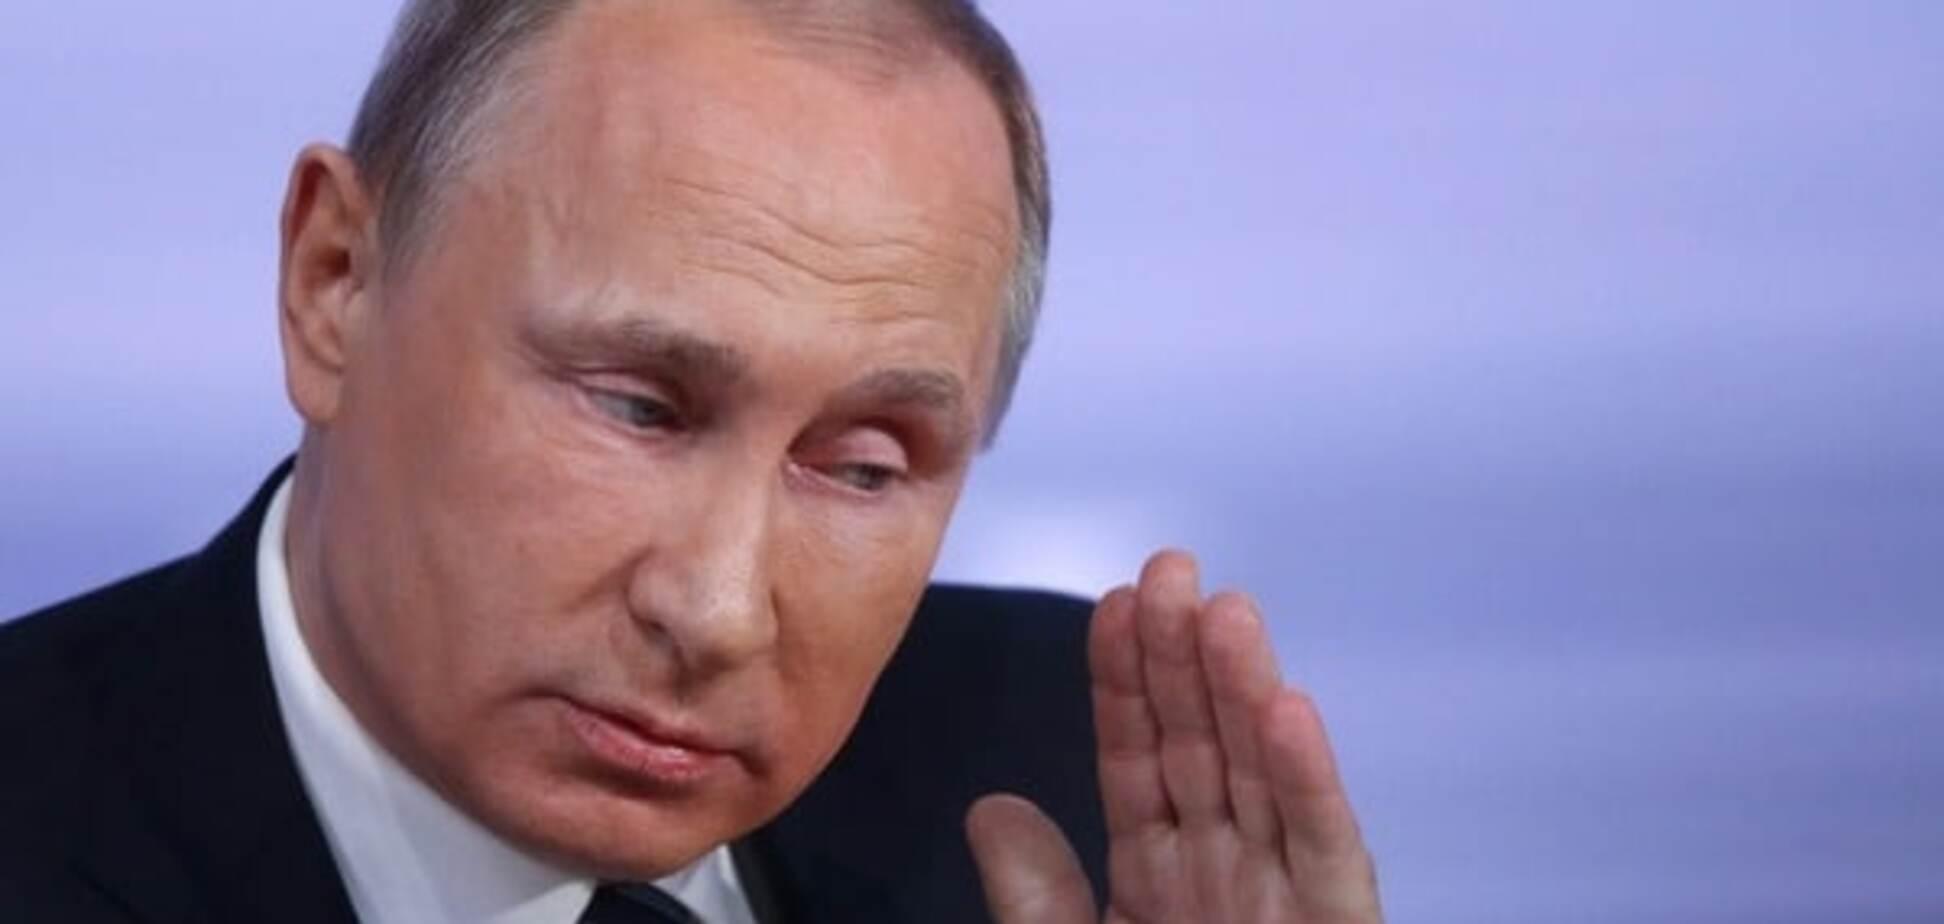 Путин доведет Россию до катастрофы, и она отразится на Украине - Фельштинский